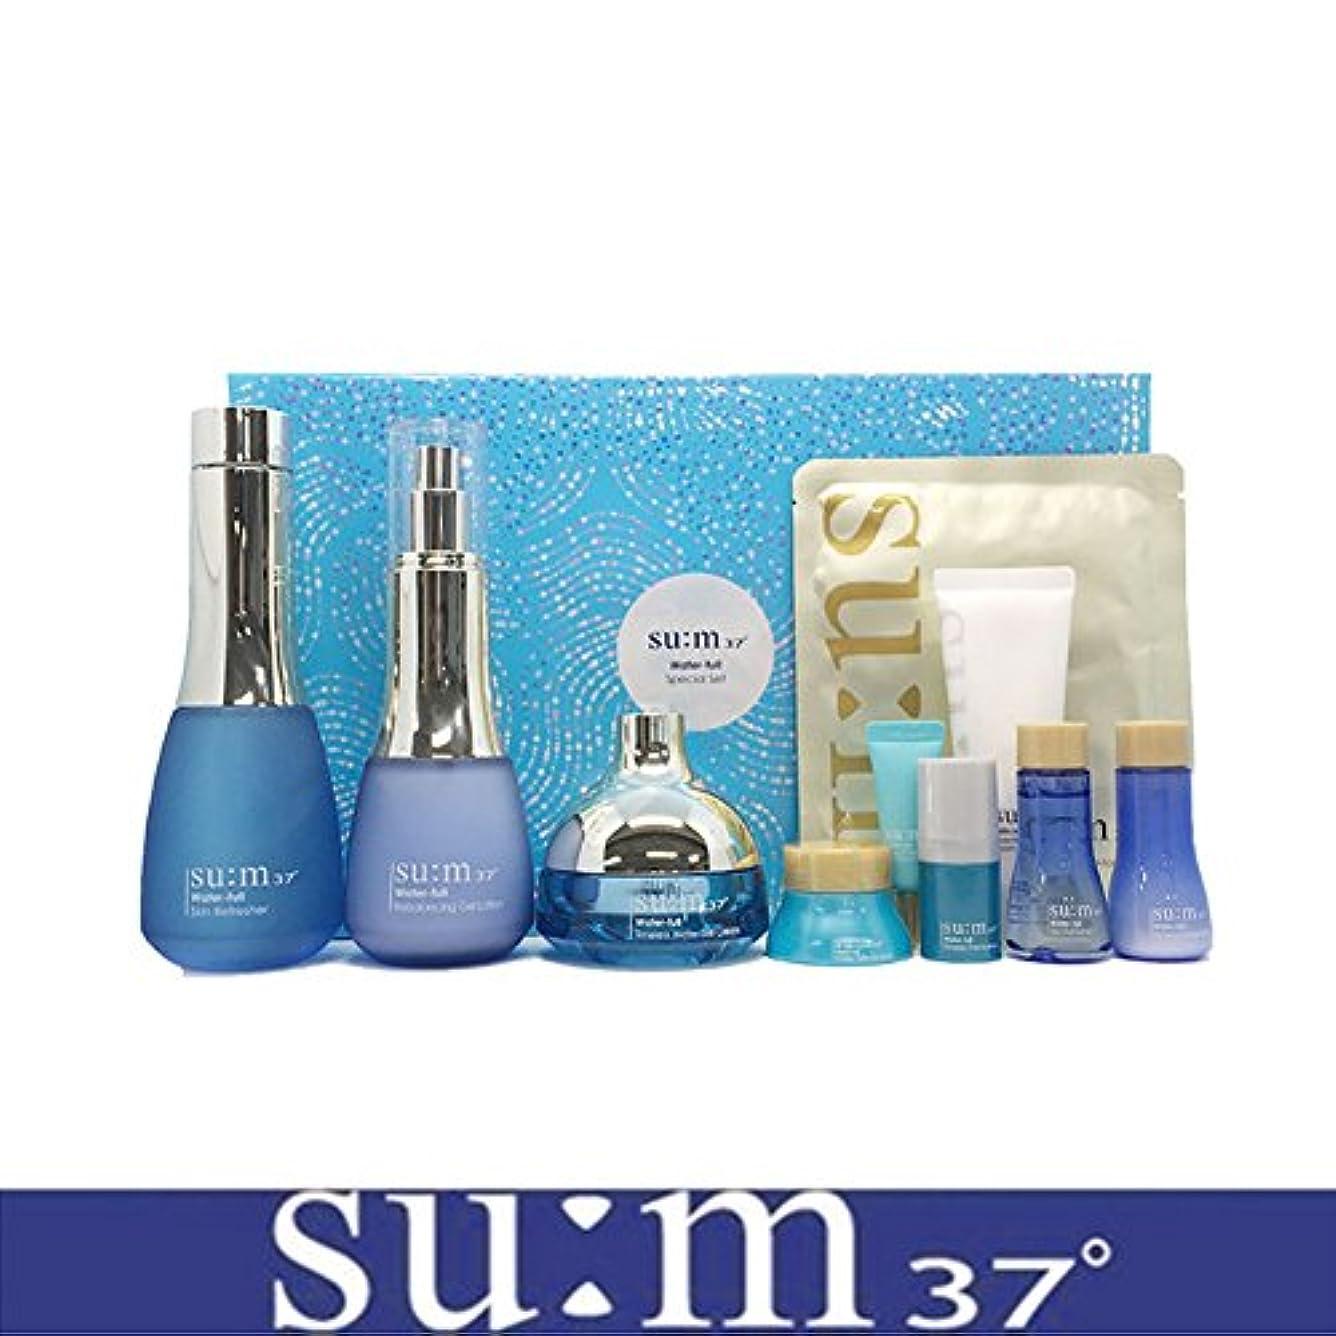 シャー場所エレメンタル[su:m37/スム37°] SUM37 Water full 3pcs Special Skincare Set/sum37 スム37 ウォーターフル 3種企画セット+[Sample Gift](海外直送品)